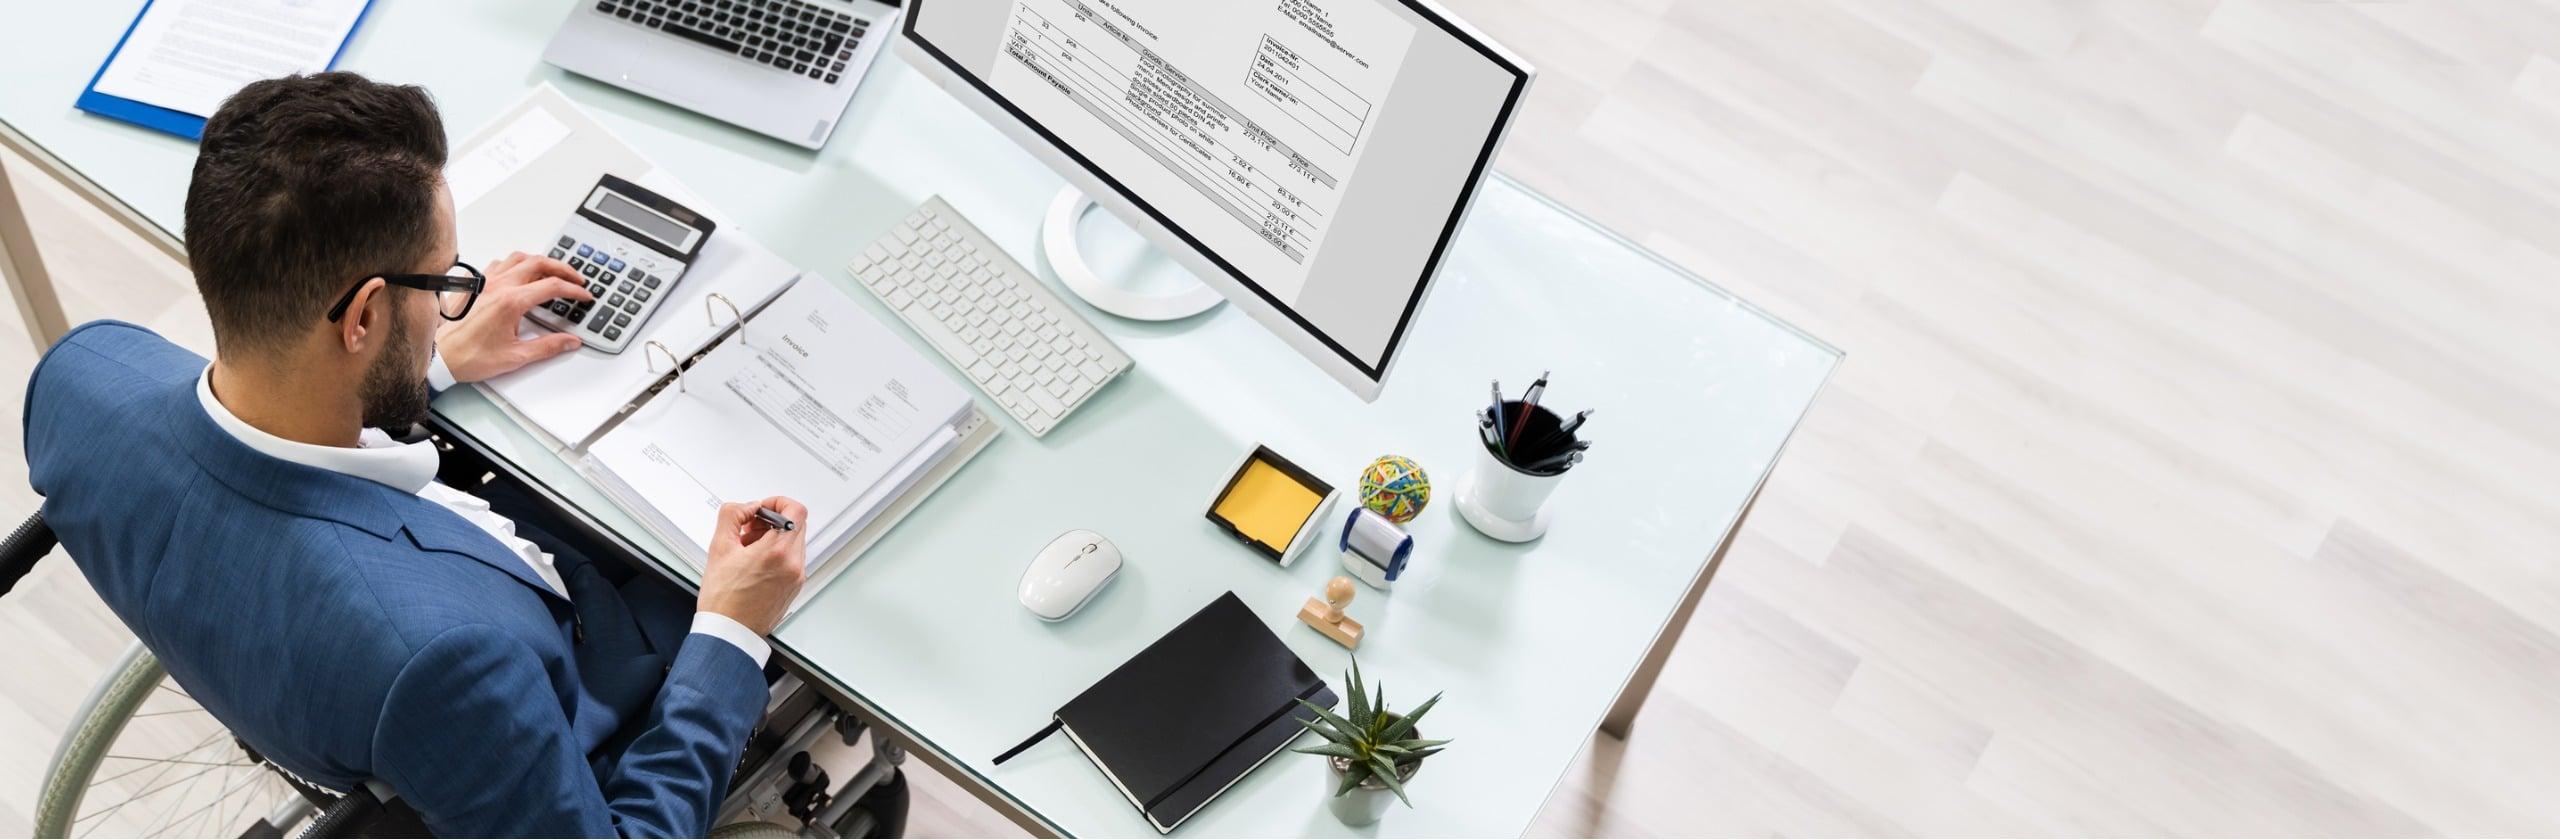 GmbH kaufen mit Kontrolle der Insolvenz Haftung